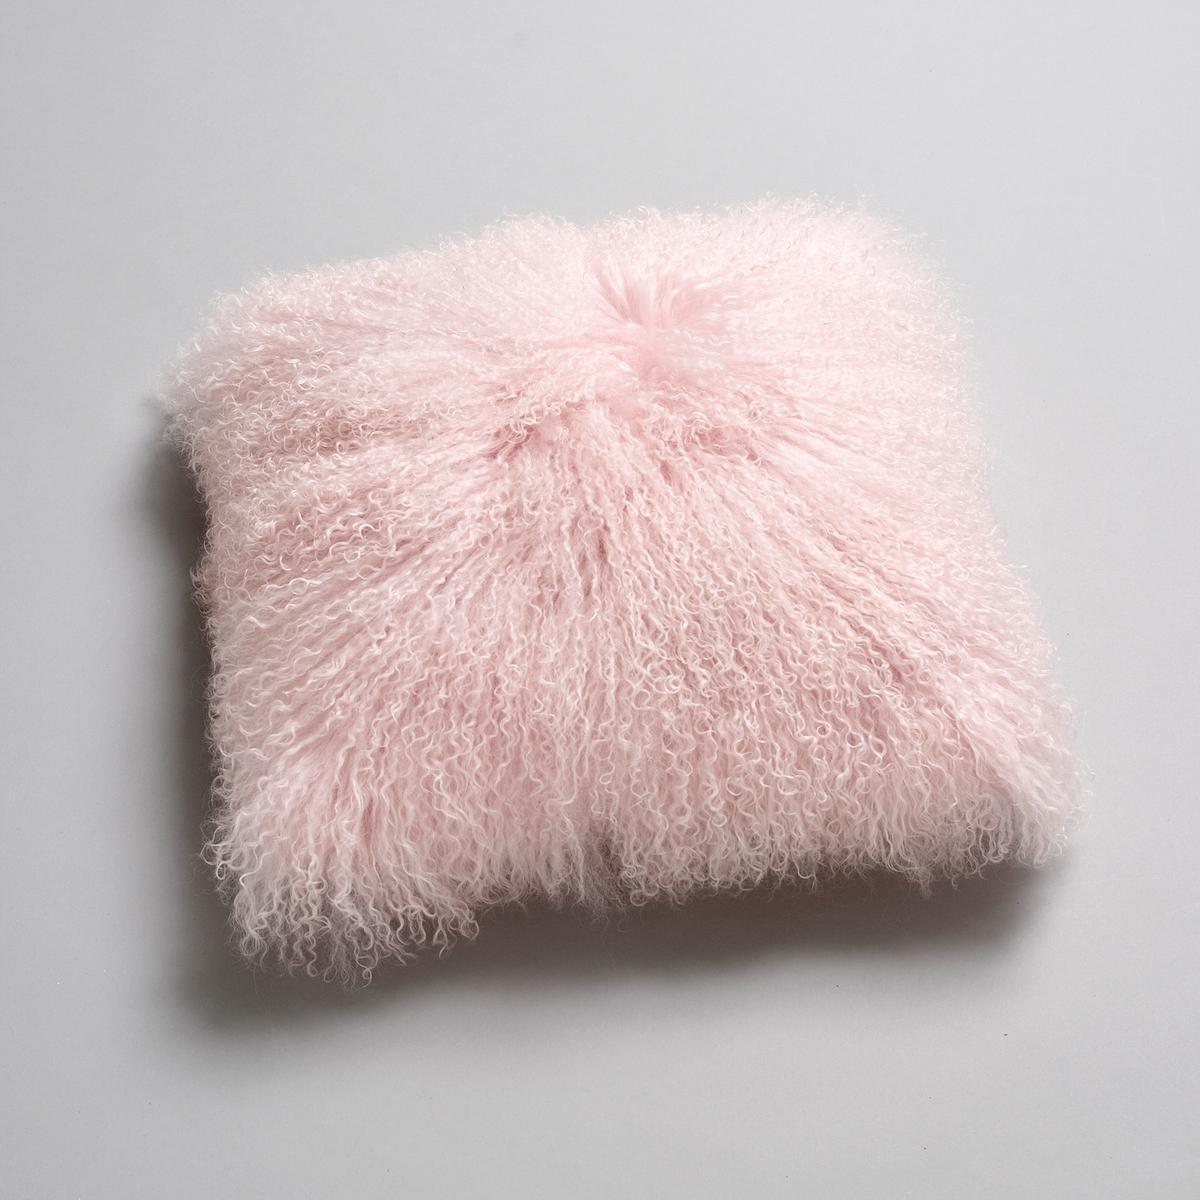 Чехол для подушки REDOUTE CREATION<br><br>Цвет: светло-розовый,сине-зеленый,синий морской<br>Размер: 40 x 40  см.40 x 40  см